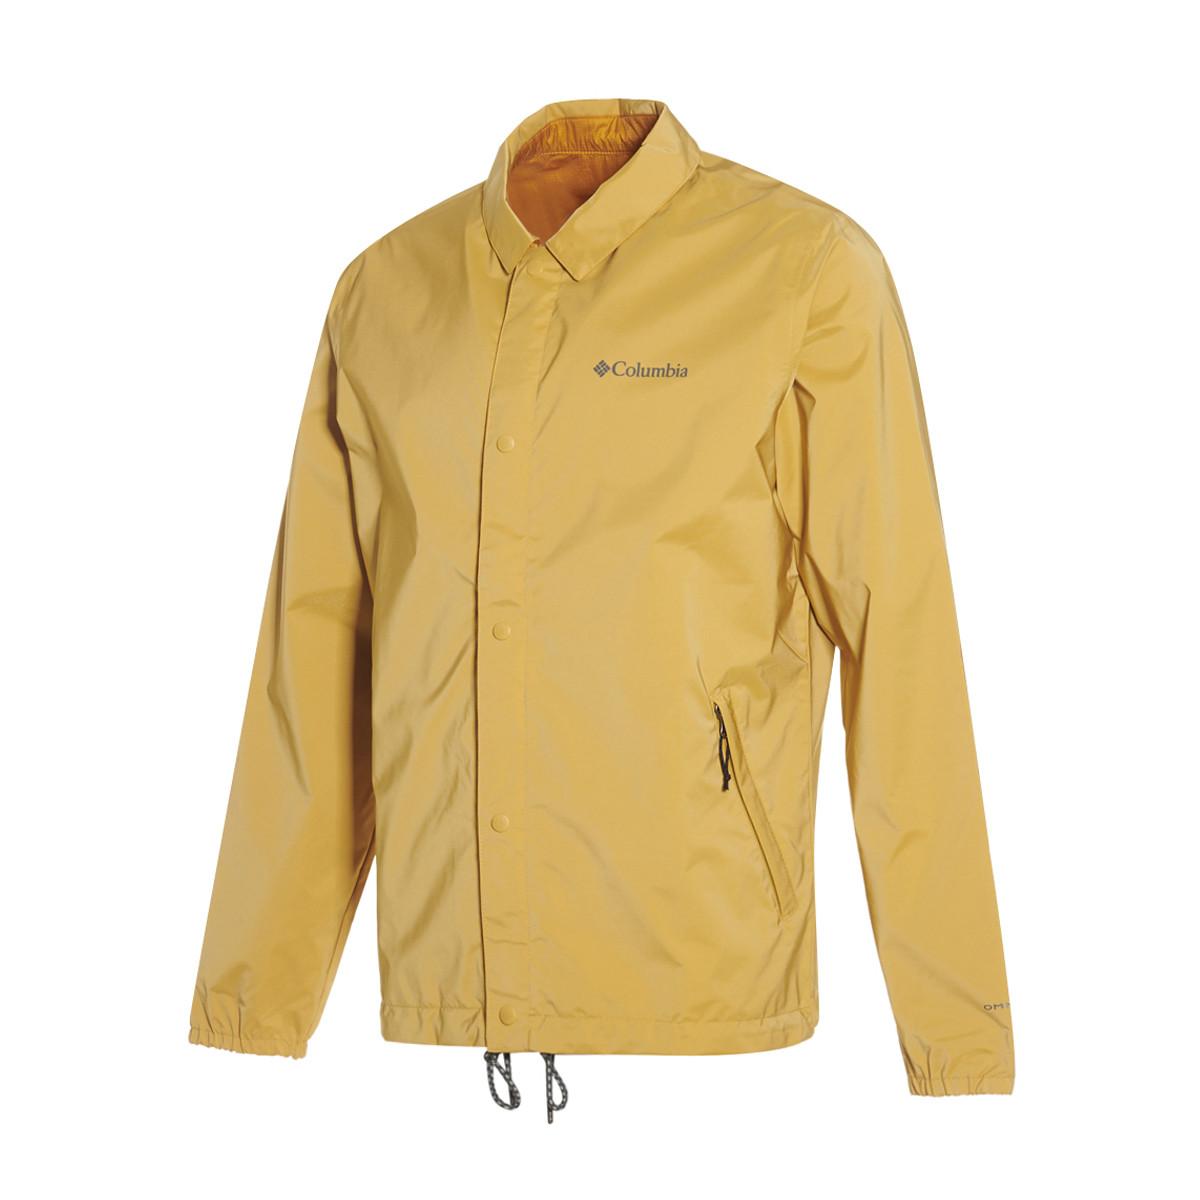 Columbia 哥伦比亚 WE1302 男子户外冲锋衣